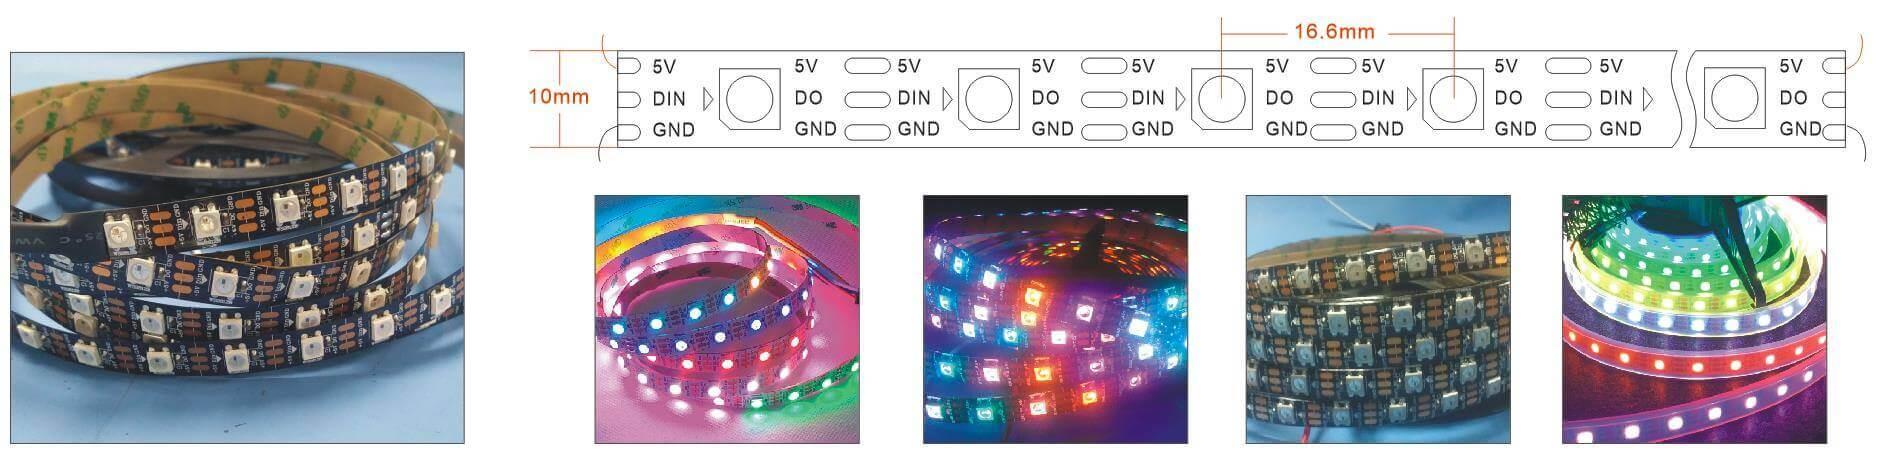 WS2812B 60 LED per meter Strip